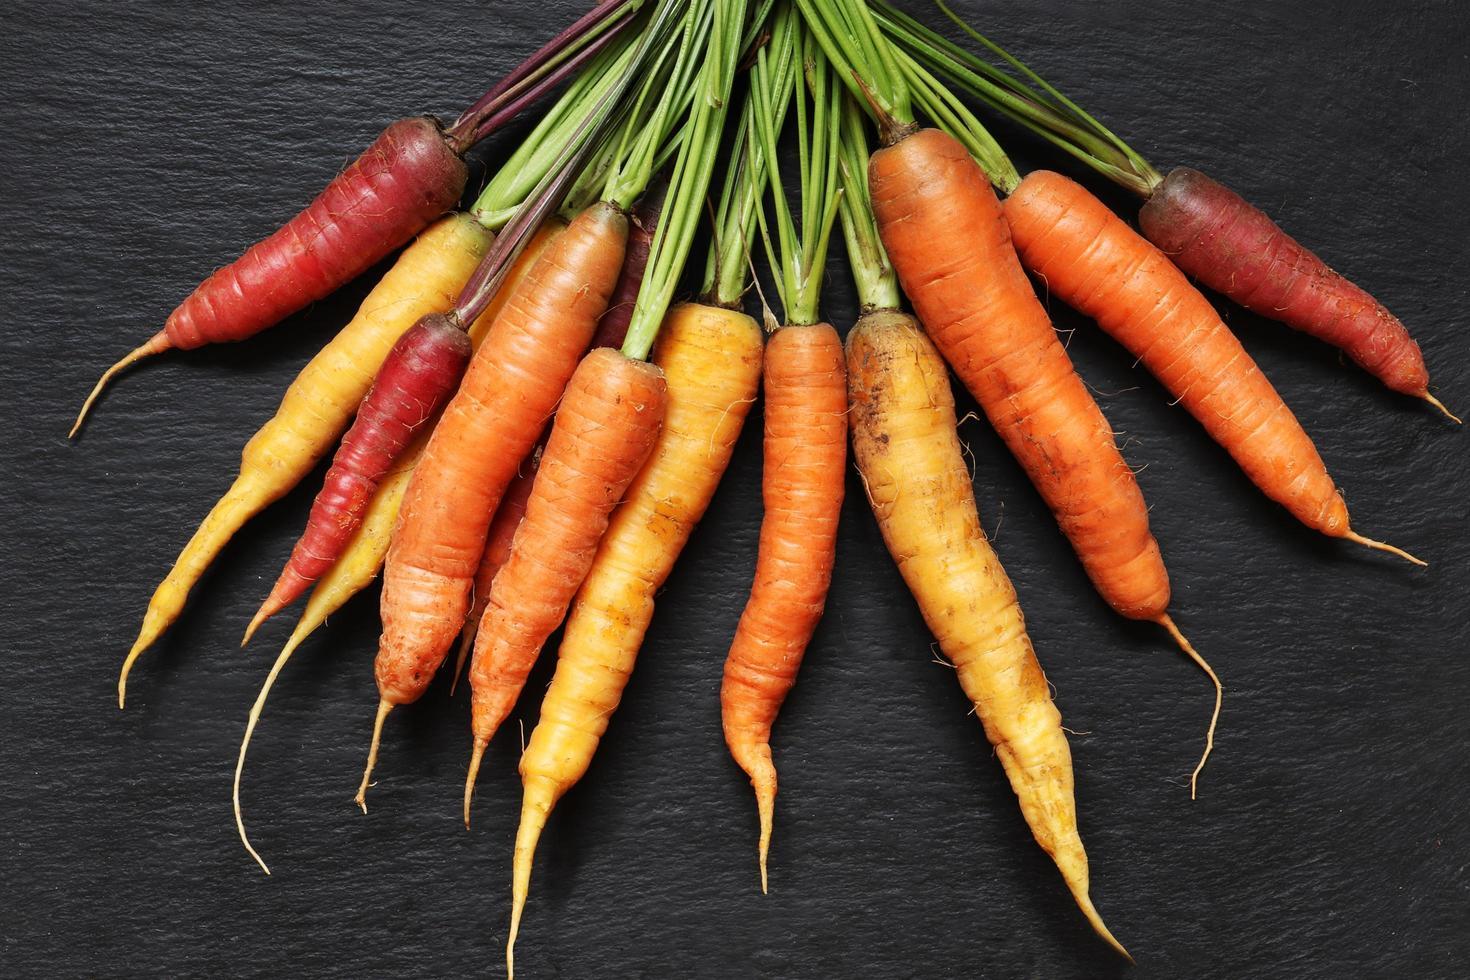 un mucchio di carote colorate foto